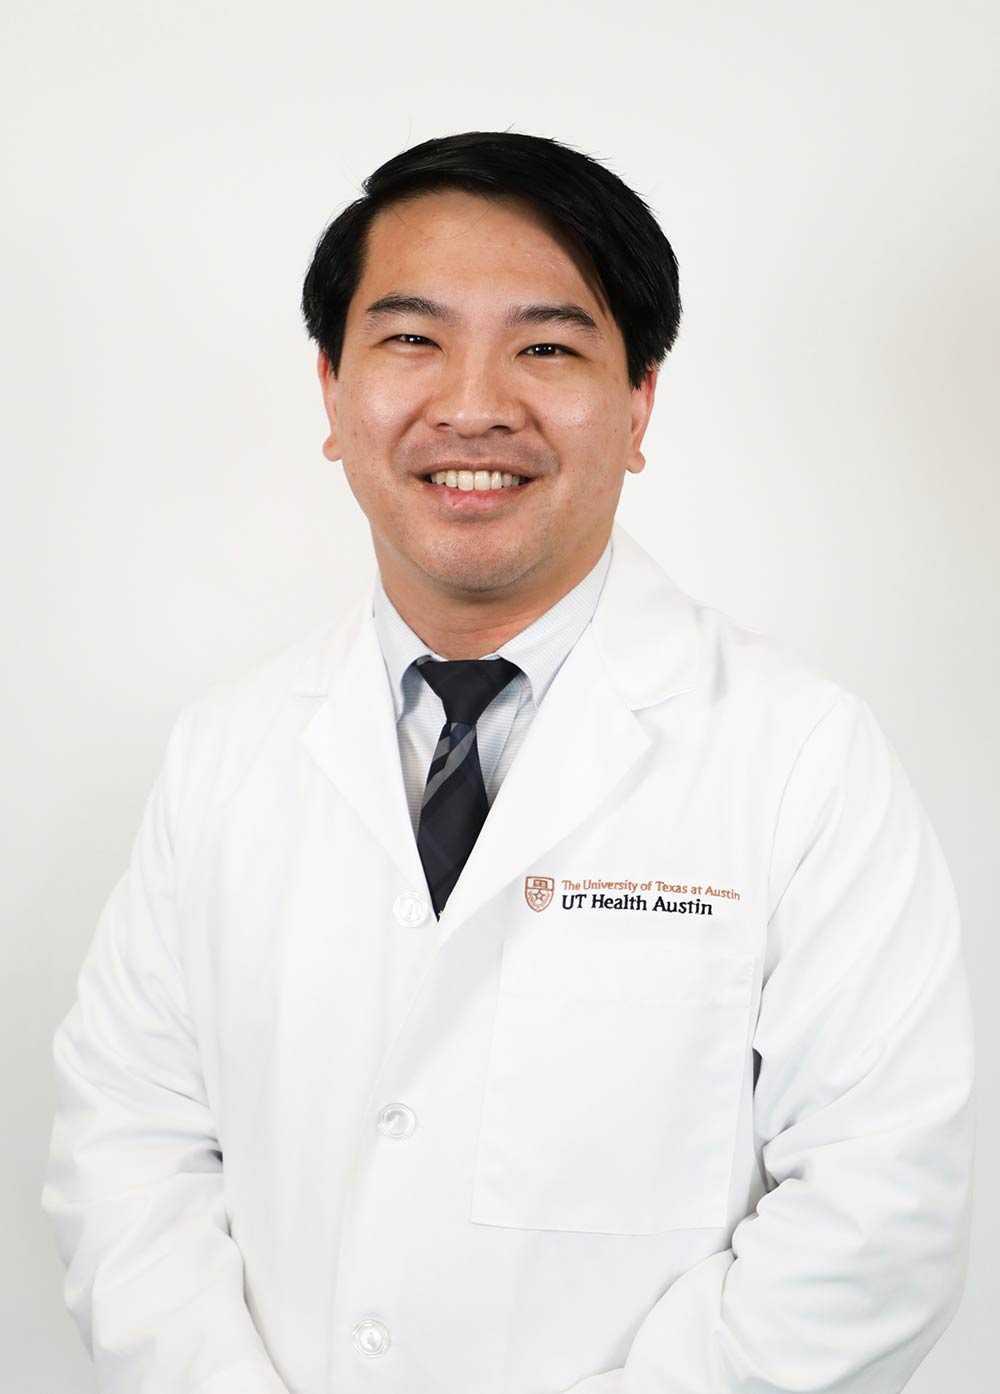 Headshot of John Nguyen